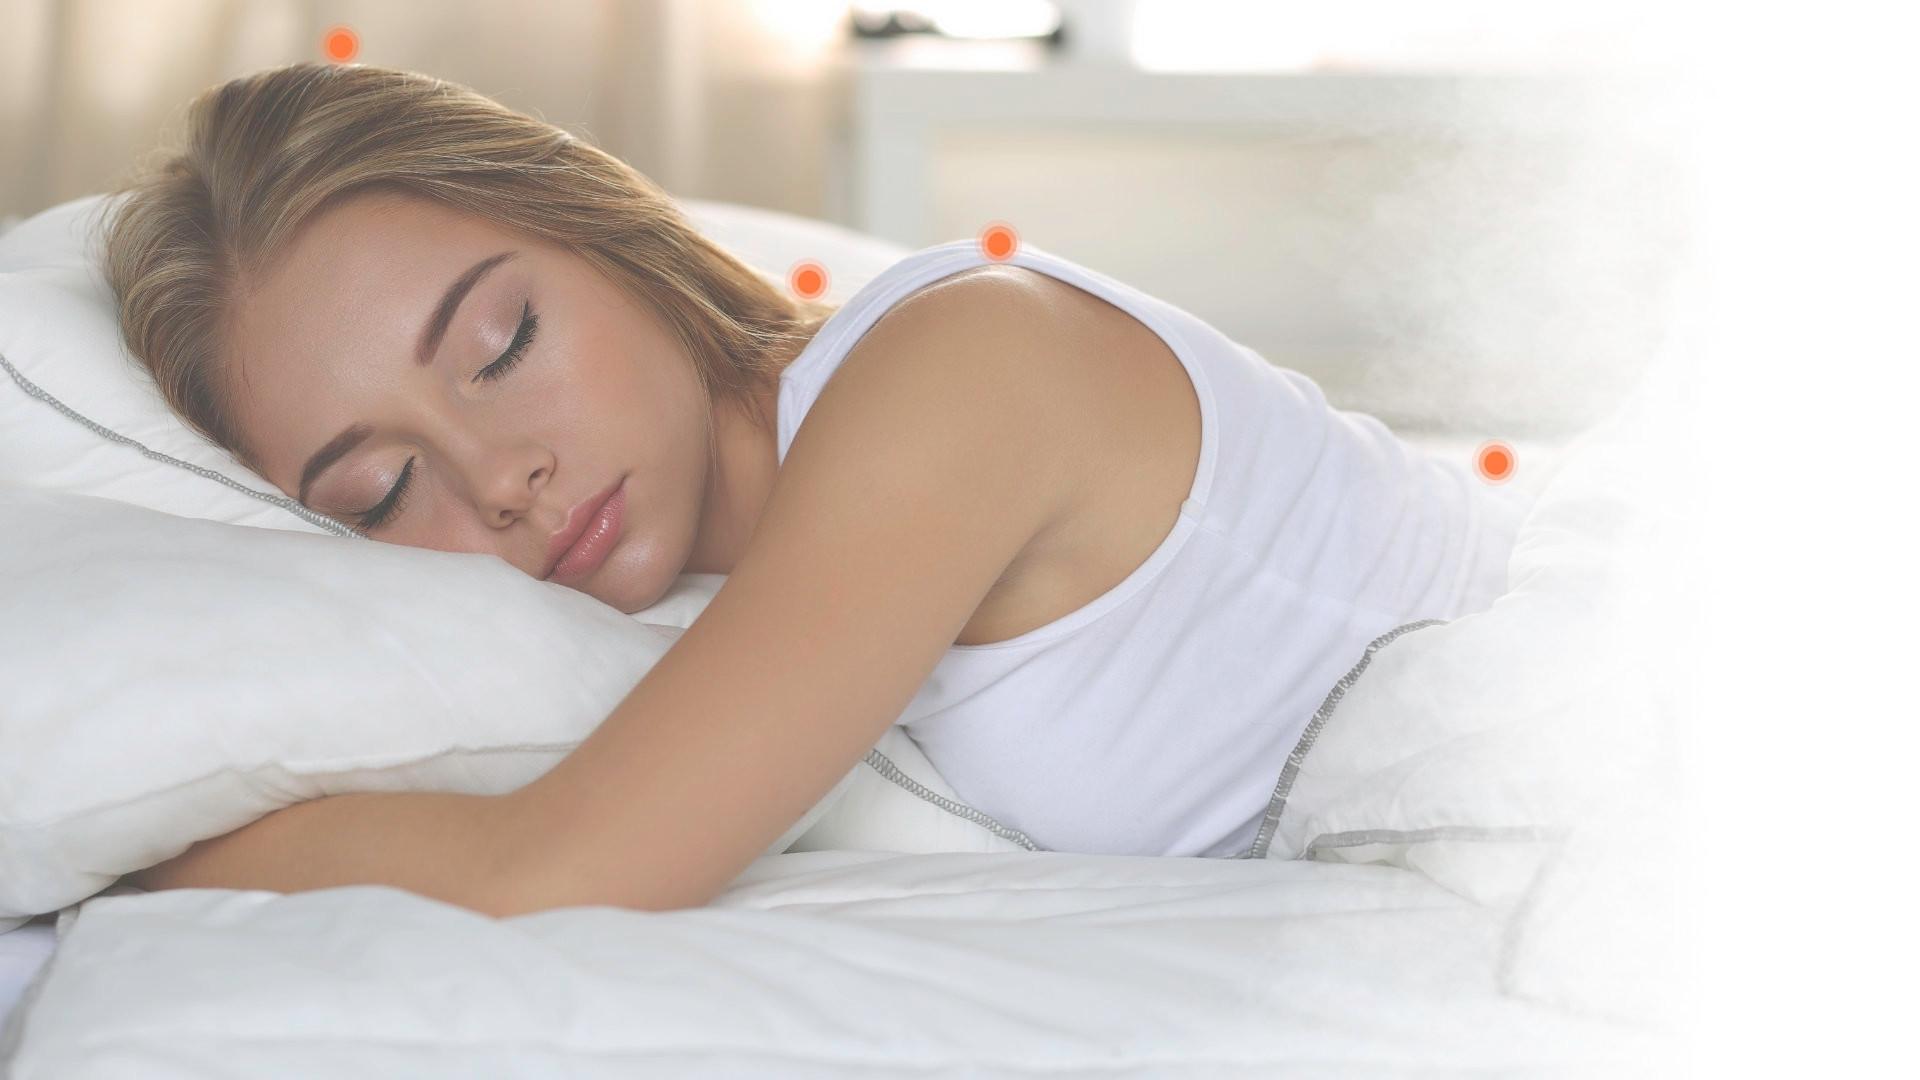 zdravo spavanje